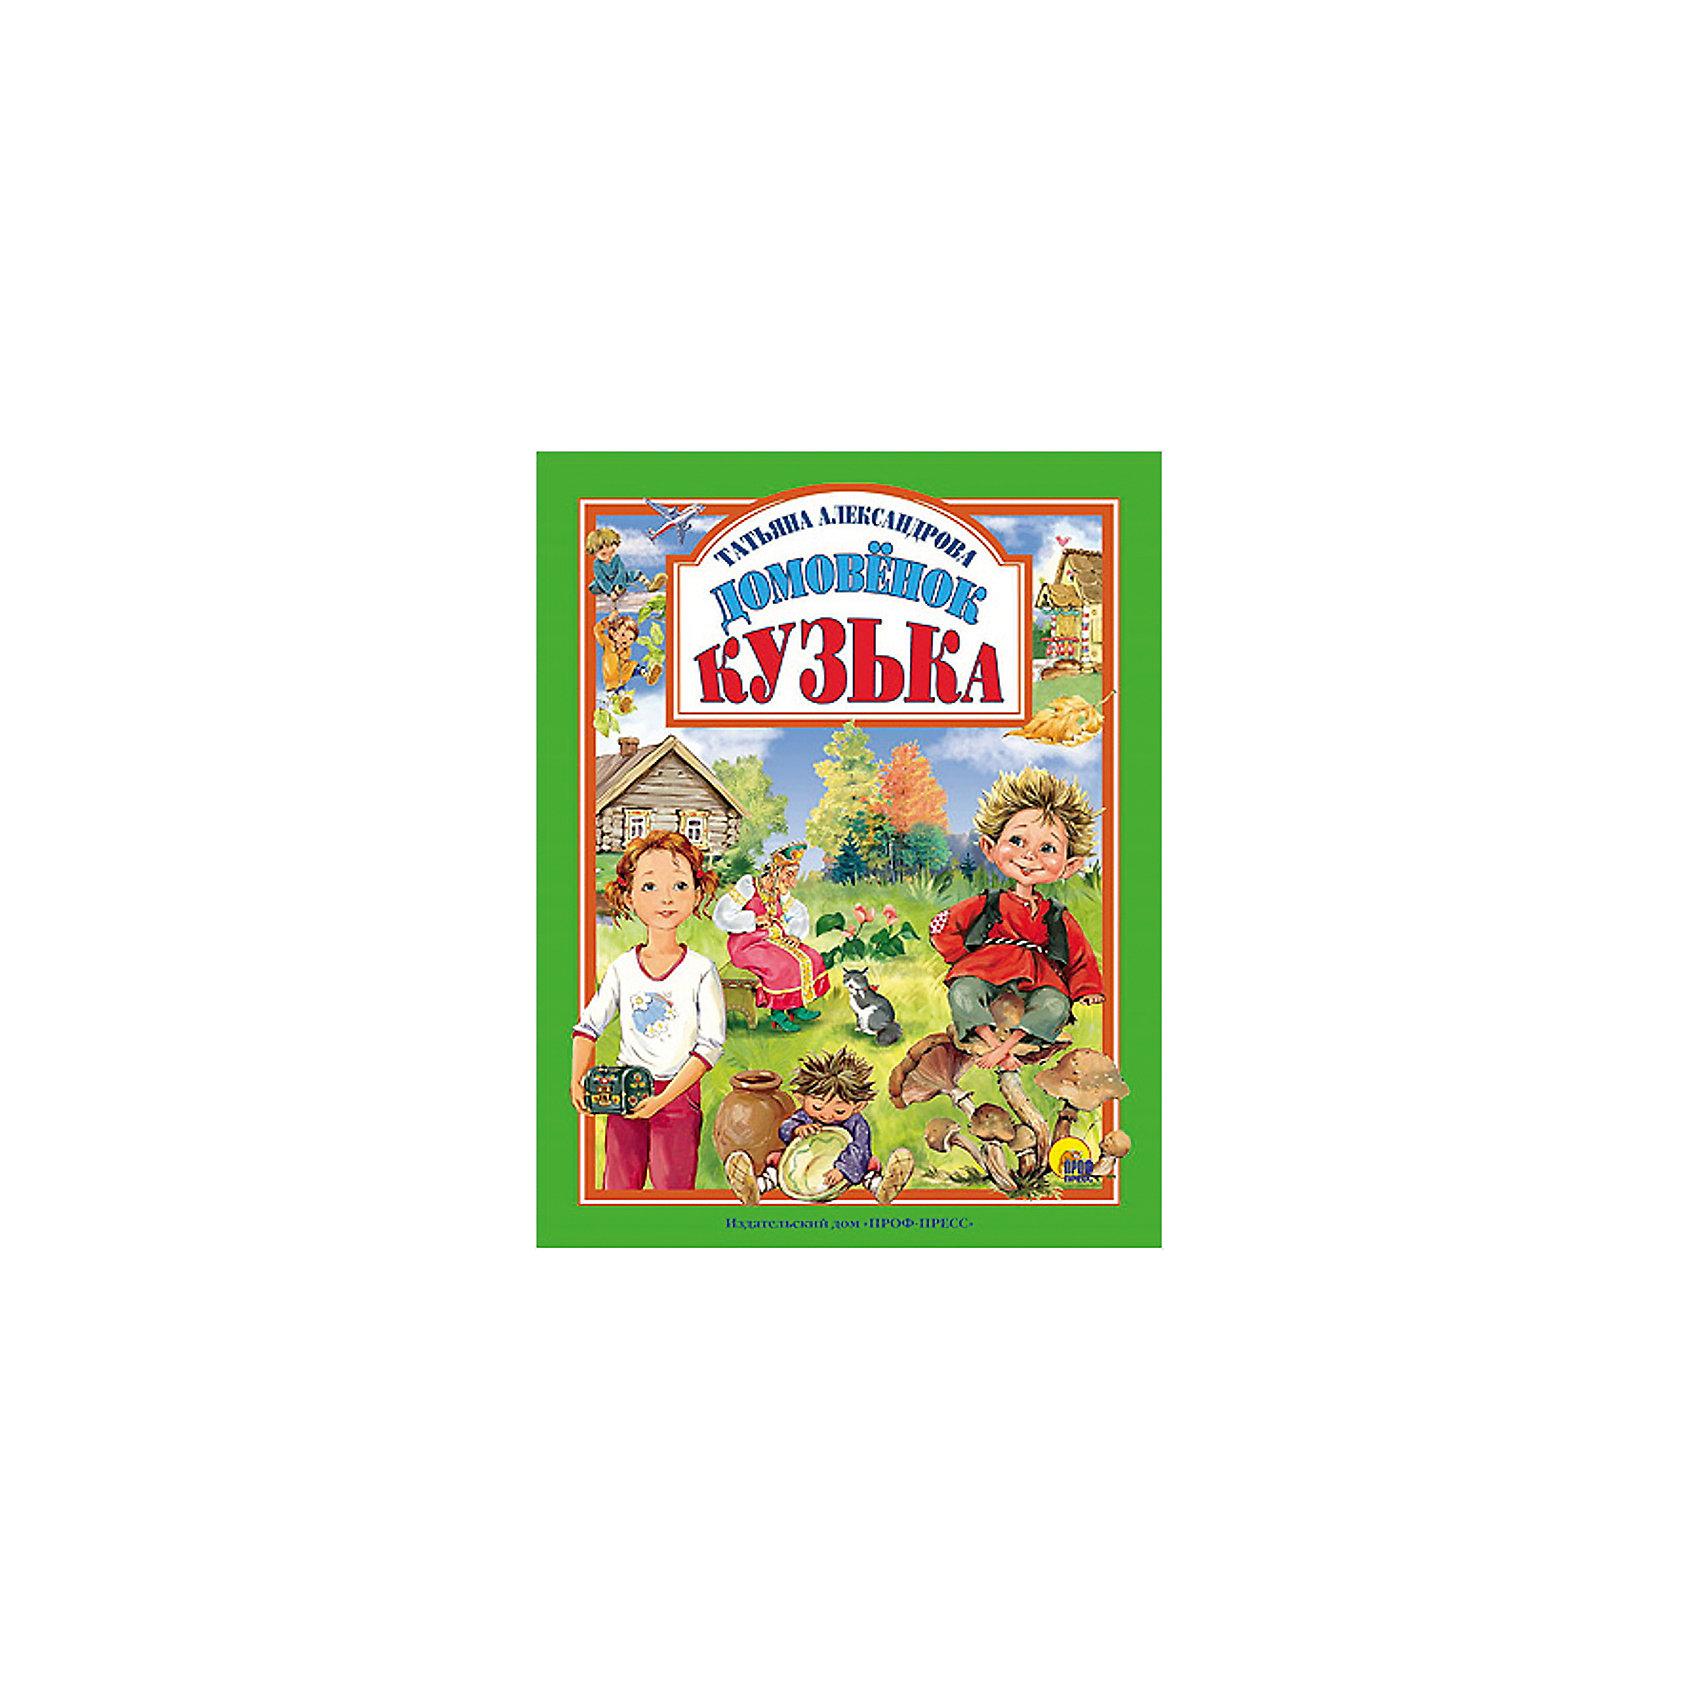 Домовёнок Кузька, Т. АлександроваСказку про Домовенка Кузю невозможно не любить. Это добрая и смешная история. Книги - это лучший подарок не только взрослым, они помогают детям познавать мир и учиться читать, также книги позволяют ребенку весело проводить время. Они также стимулируют развитие воображения, логики и творческого мышления.<br>Это издание очень красиво оформлено. Яркие картинки обязательно понравятся малышам! Книга сделана из качественных и безопасных для детей материалов.<br>  <br>Дополнительная информация:<br><br>размер: 200x265 мм;<br>вес: 441 г.<br><br>Книгу  Домовёнок Кузька, Т. Александрова от издательства Проф-Пресс можно купить в нашем магазине.<br><br>Ширина мм: 200<br>Глубина мм: 13<br>Высота мм: 265<br>Вес г: 441<br>Возраст от месяцев: 0<br>Возраст до месяцев: 96<br>Пол: Унисекс<br>Возраст: Детский<br>SKU: 4787320